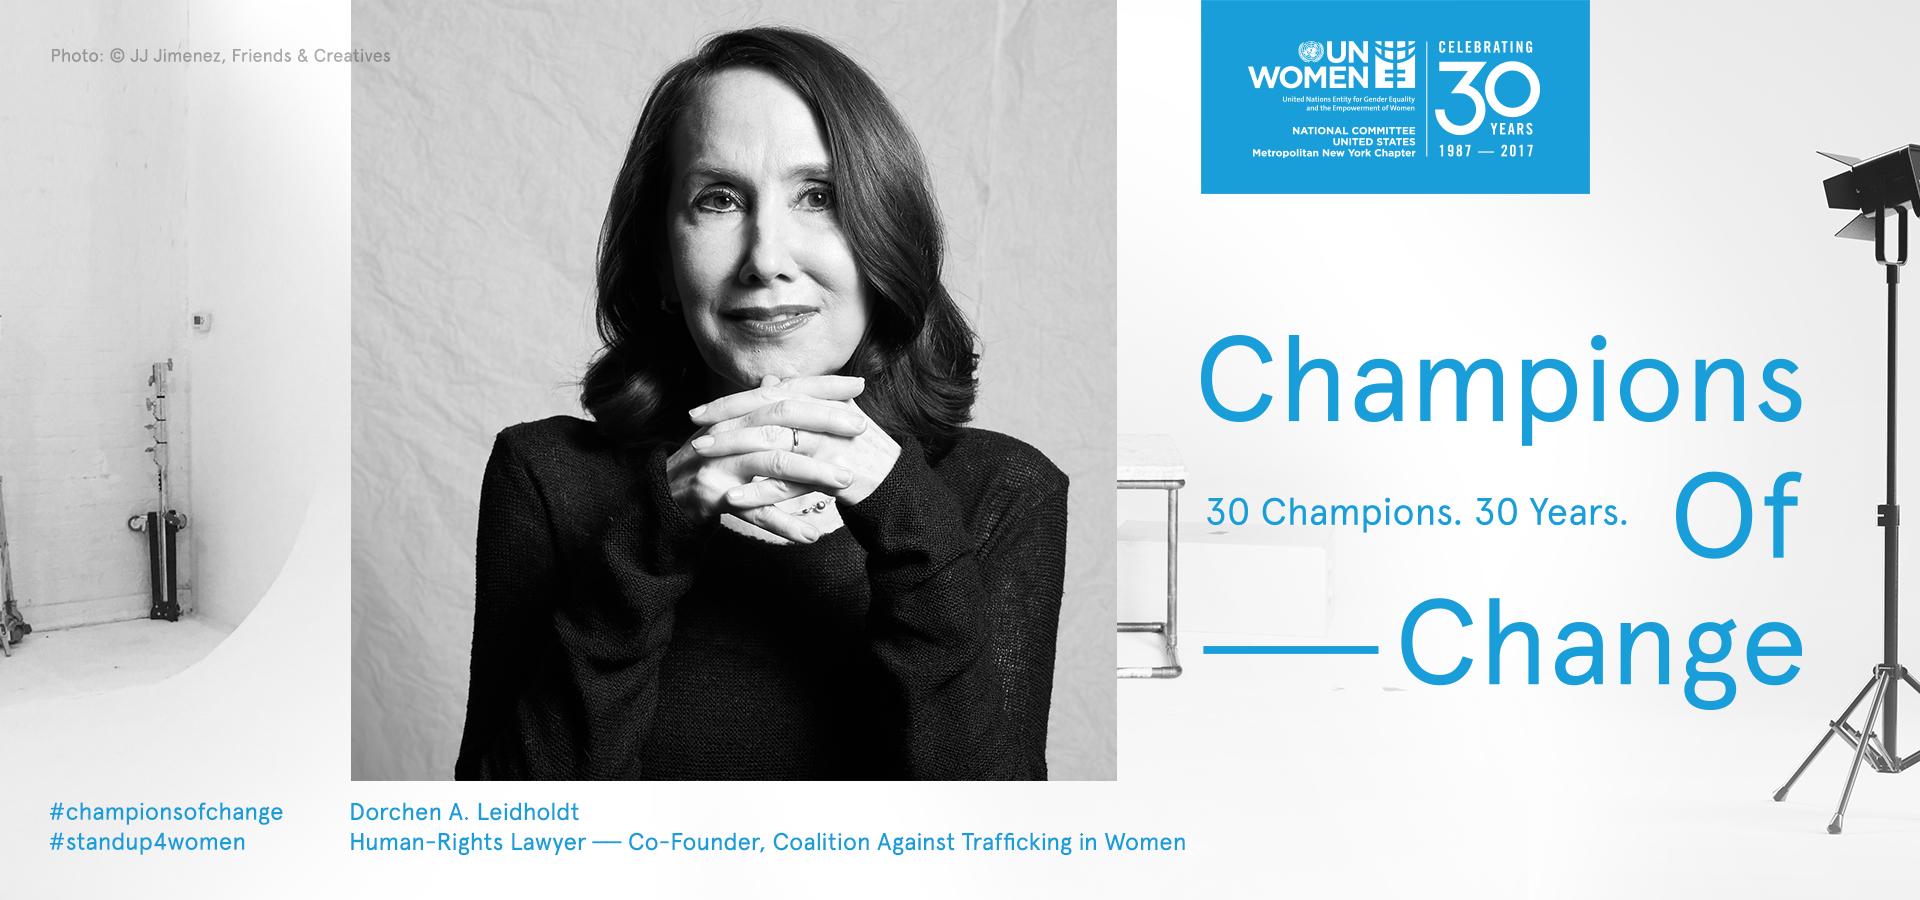 2018_UNWomen_ChampionsOfChange_Website_ProfilePage_DorchenLeidholdt.jpg